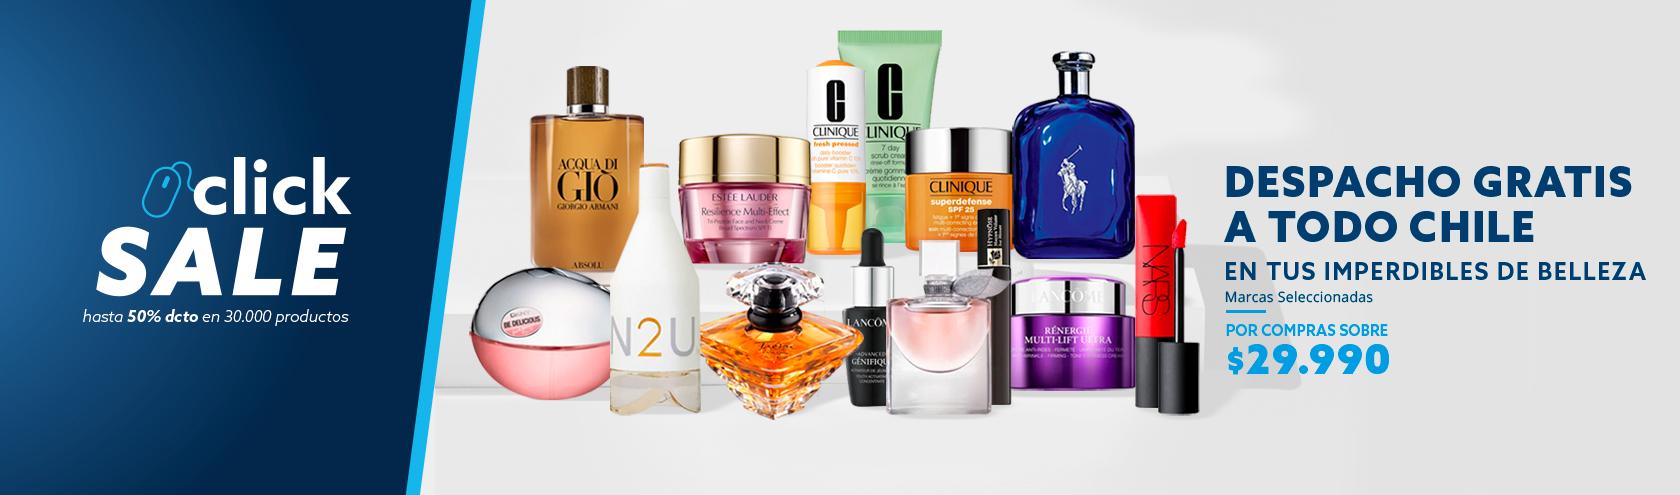 Compras sobre 29.990 pesos despacho gratis en perfumes y articulos de belleza